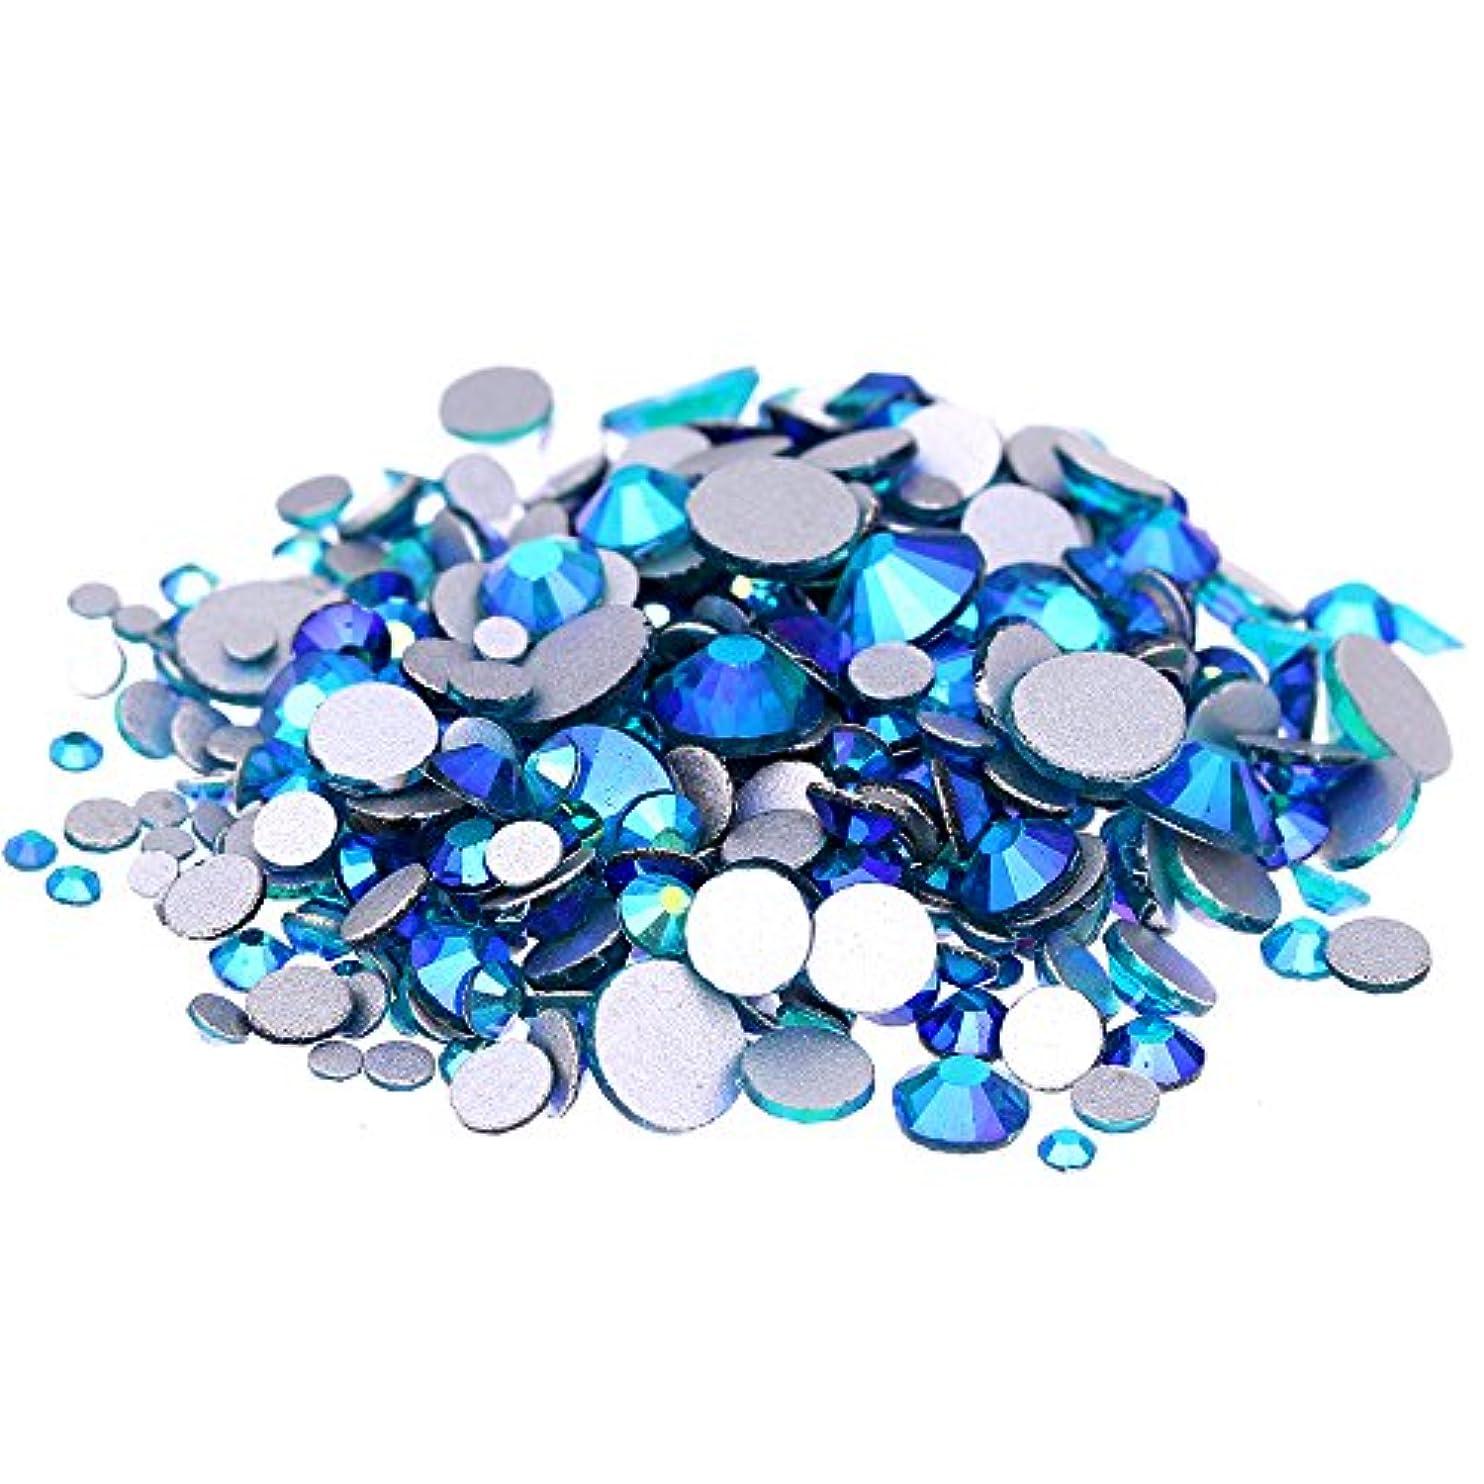 著作権反逆者セラフNizi ジュエリー ブランド ブルージルコンオーロラ ラインストーン は ガラスの材質 ネイル使用 型番ss3-ss30 (SS12 1440pcs)